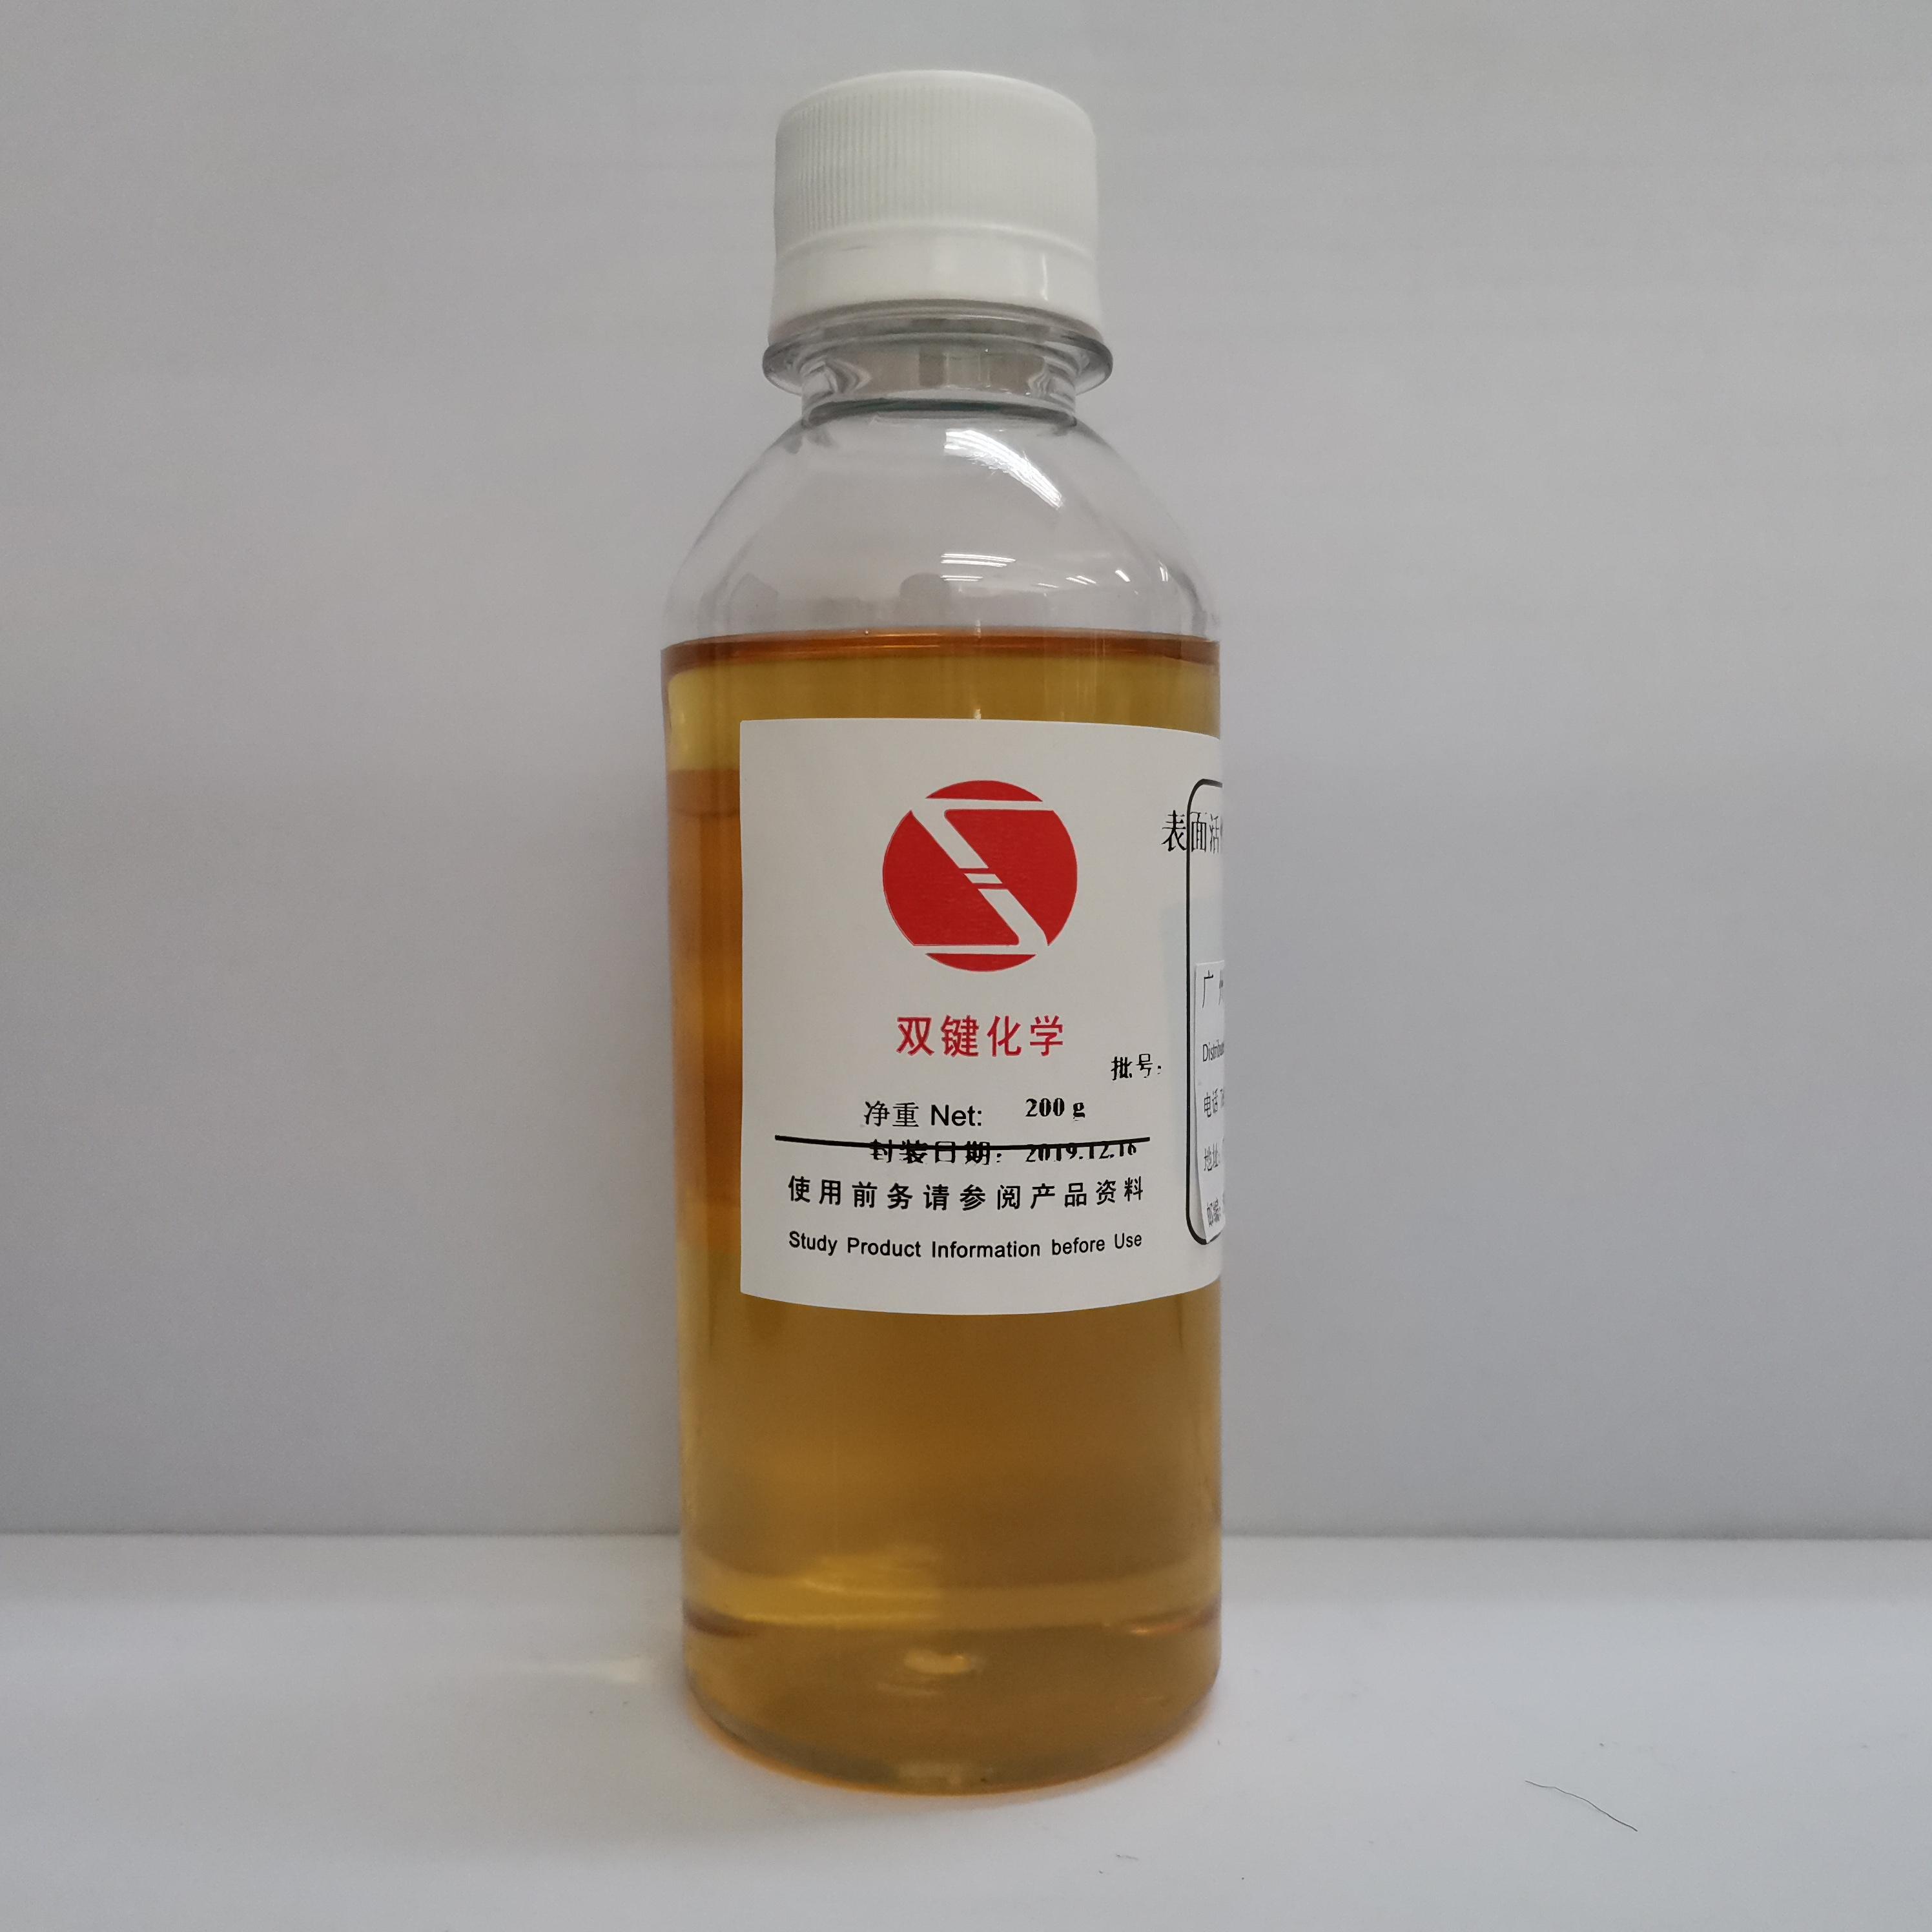 腰果酚聚氧乙烯(10) 醚硫酸钠